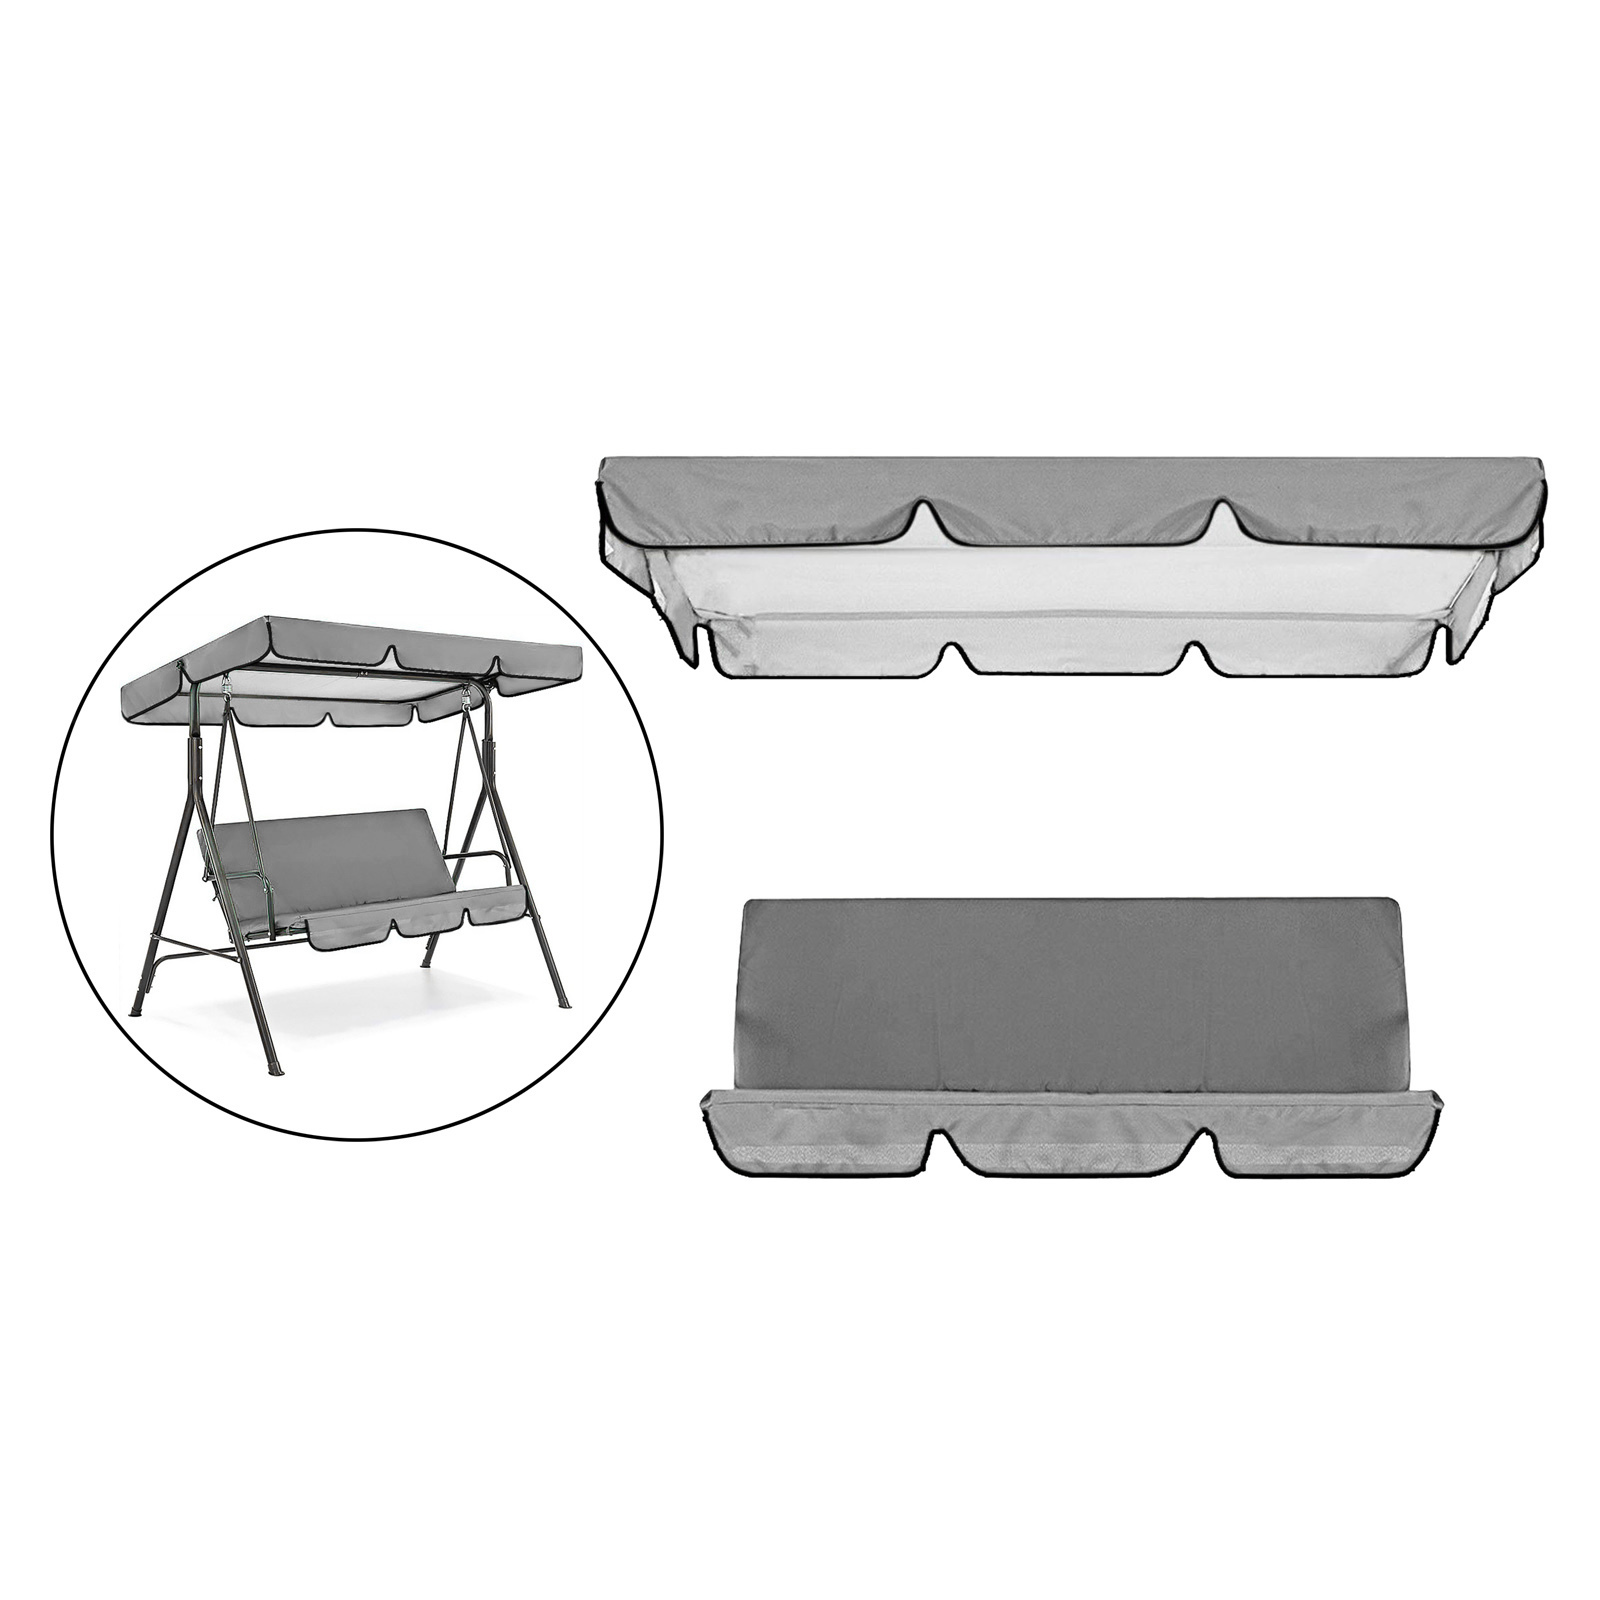 miniatura 33 - Sostituzione della copertura della sedia a dondolo da esterno per patio,